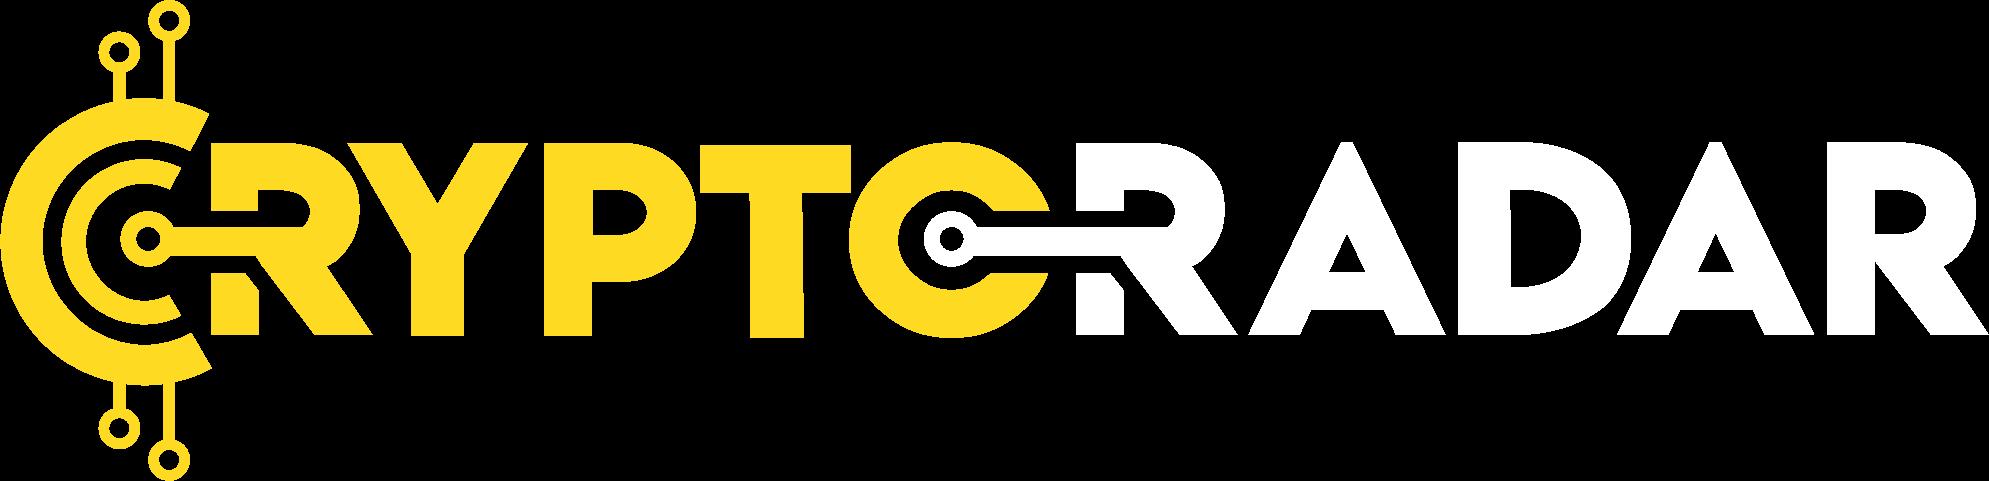 cryptoradar.org